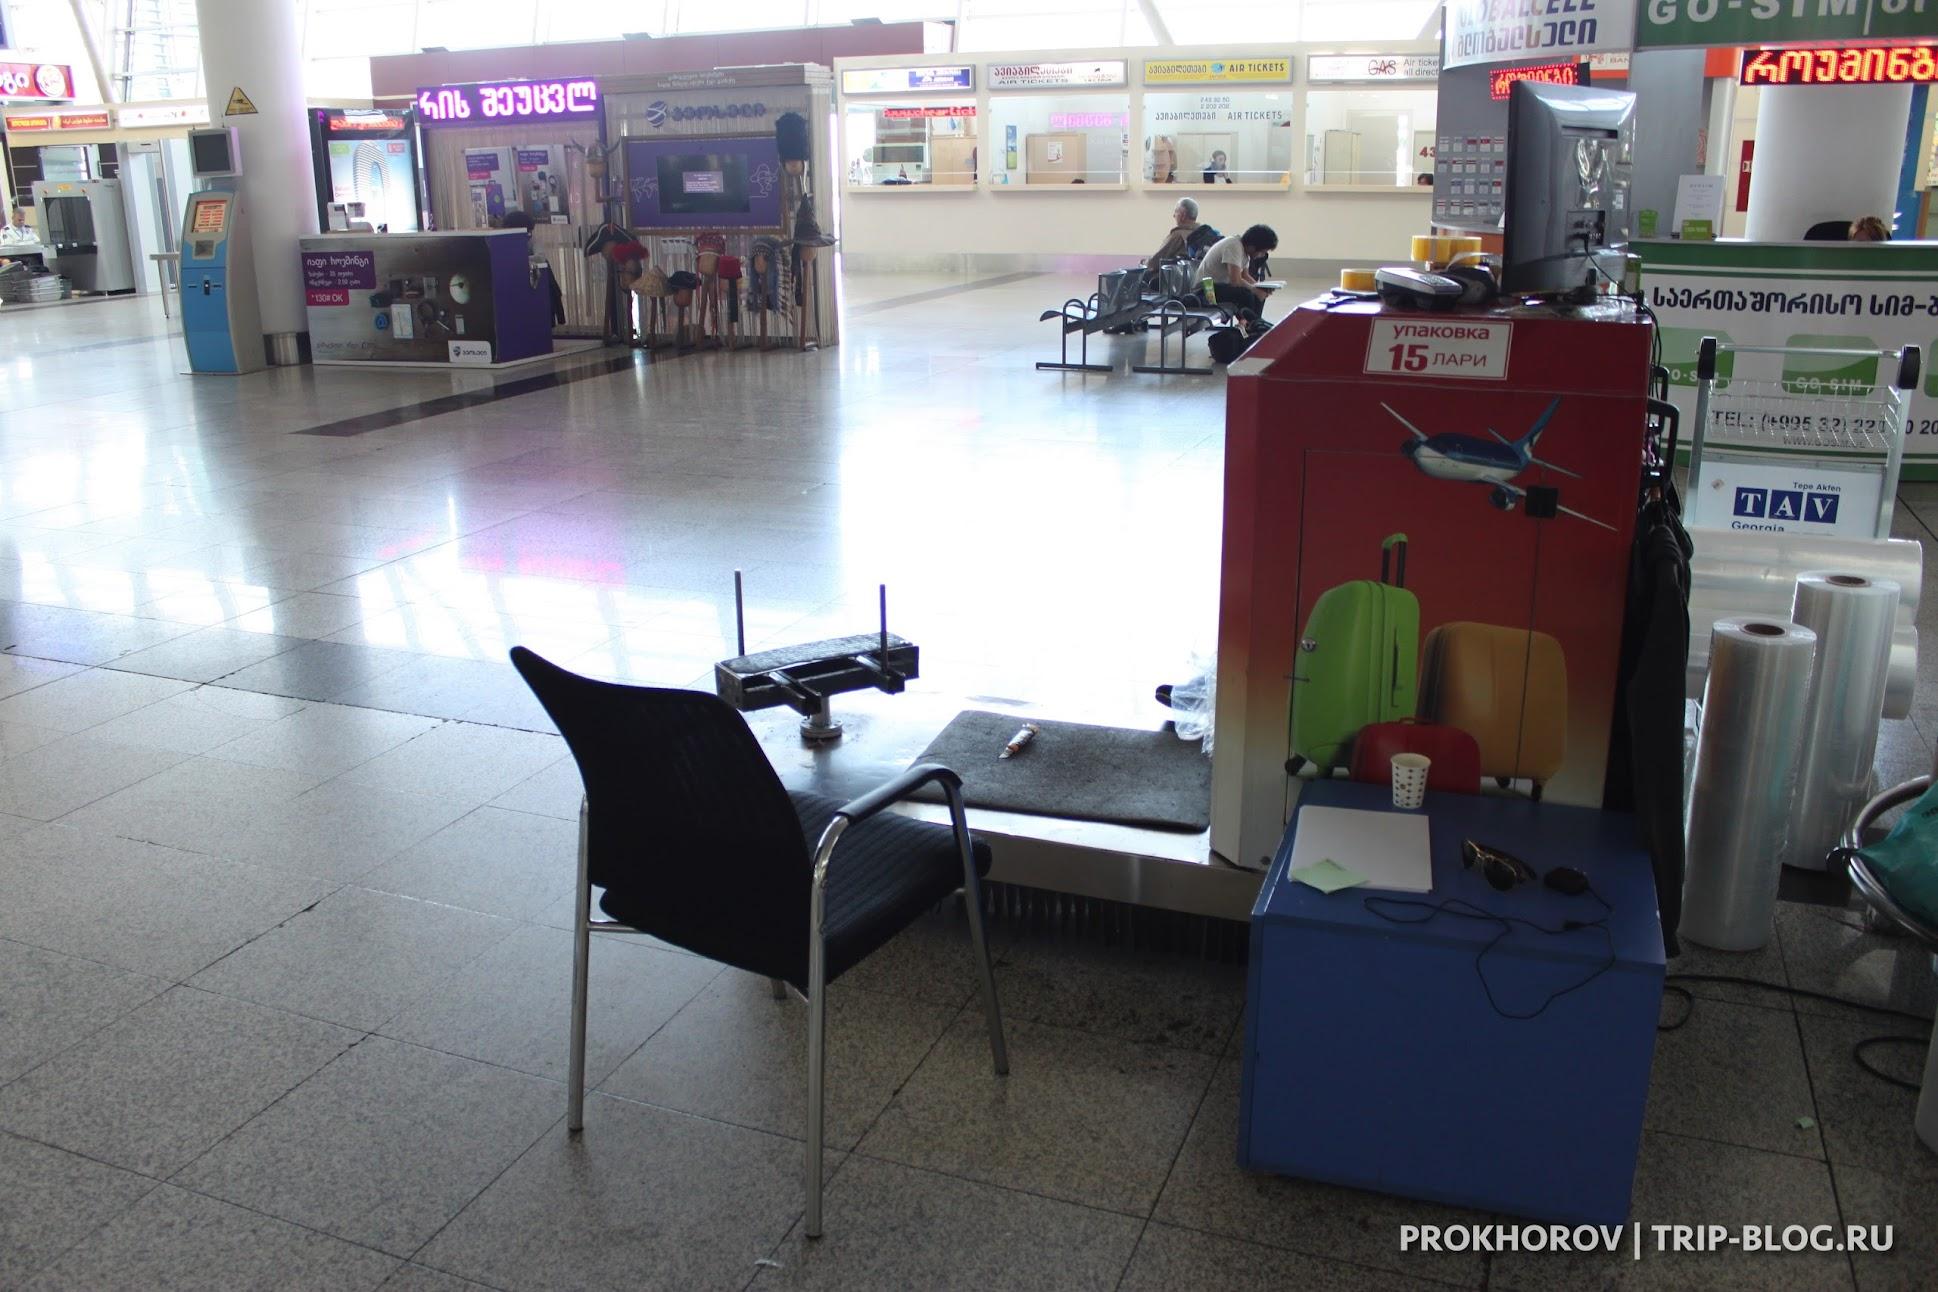 Упаковка багажа стрейч-плёнкой - 15 лари